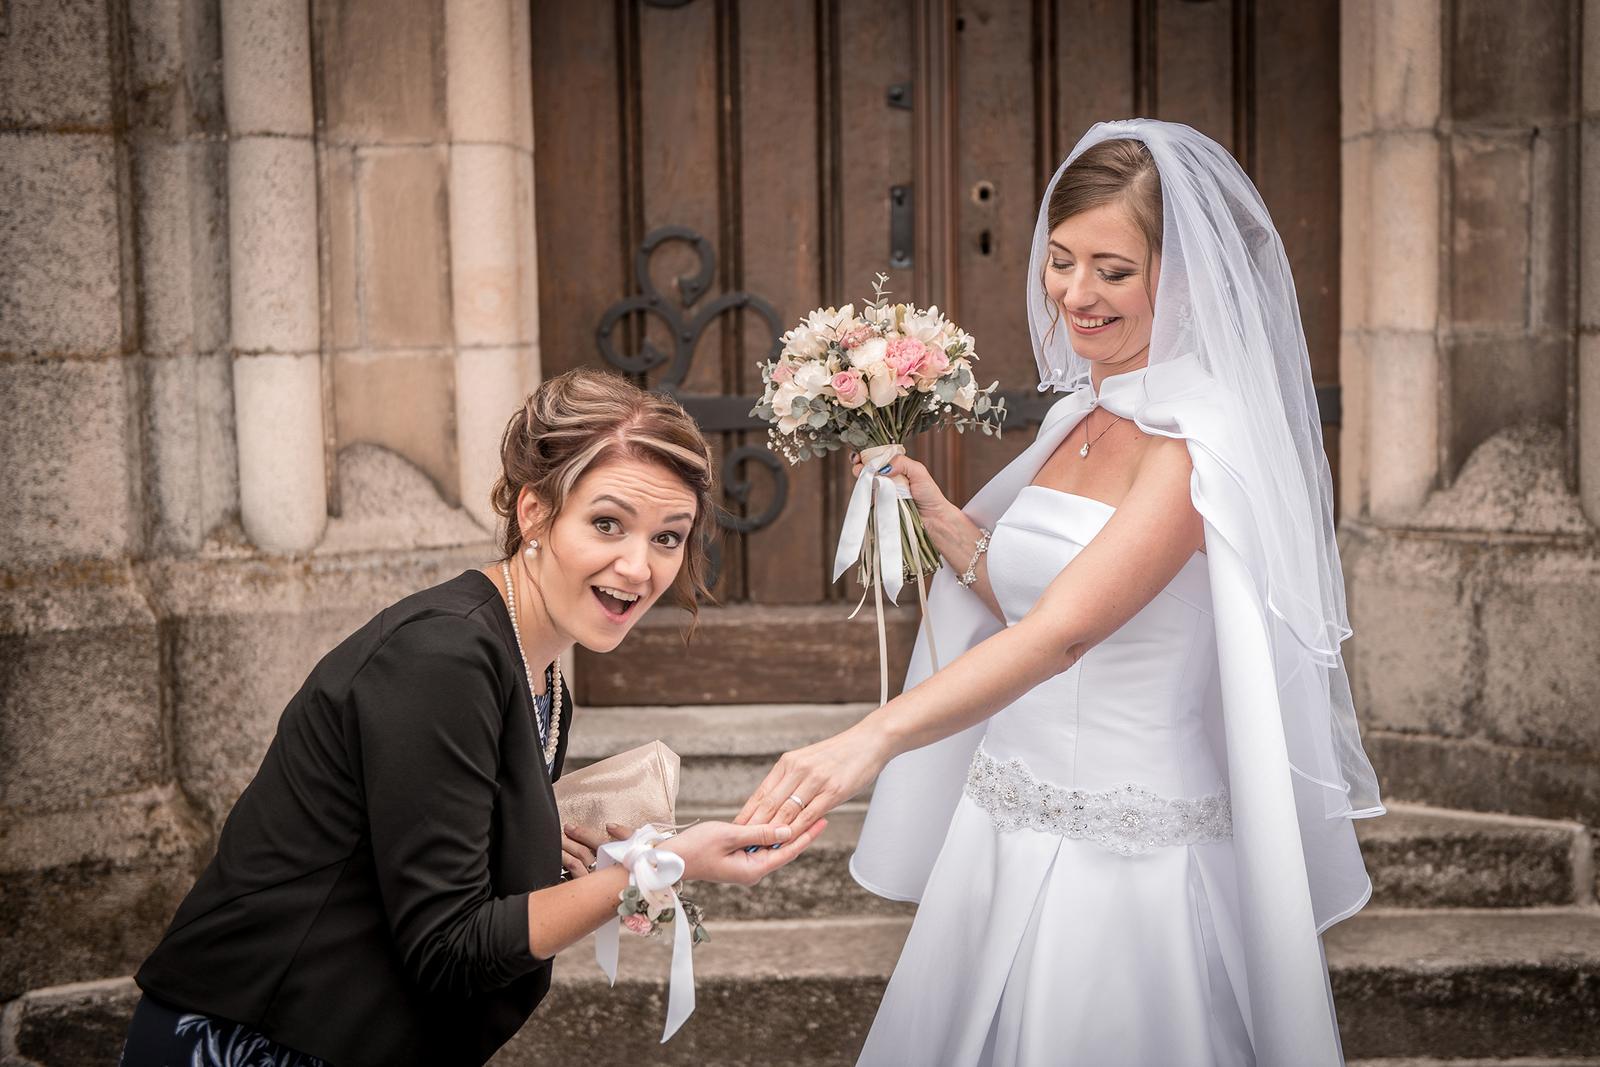 Svadba na hranicích s Polskem ♥ 15.9.2018 ♥ - Obrázok č. 4